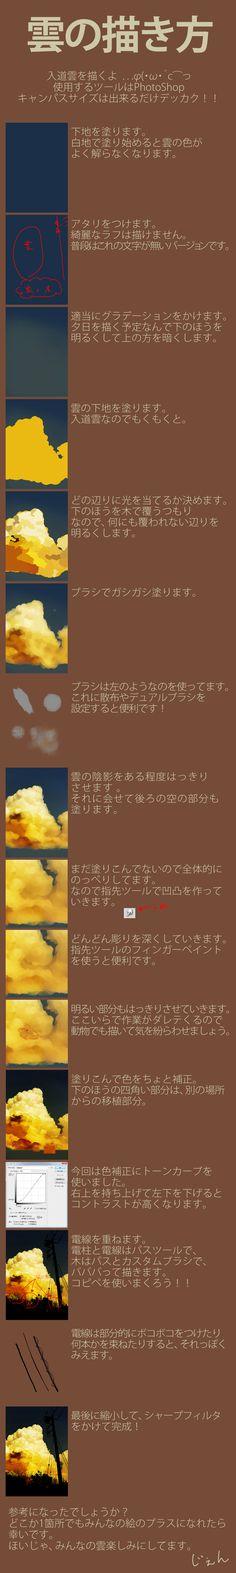 じゃん -雲の描き方 もっと見る